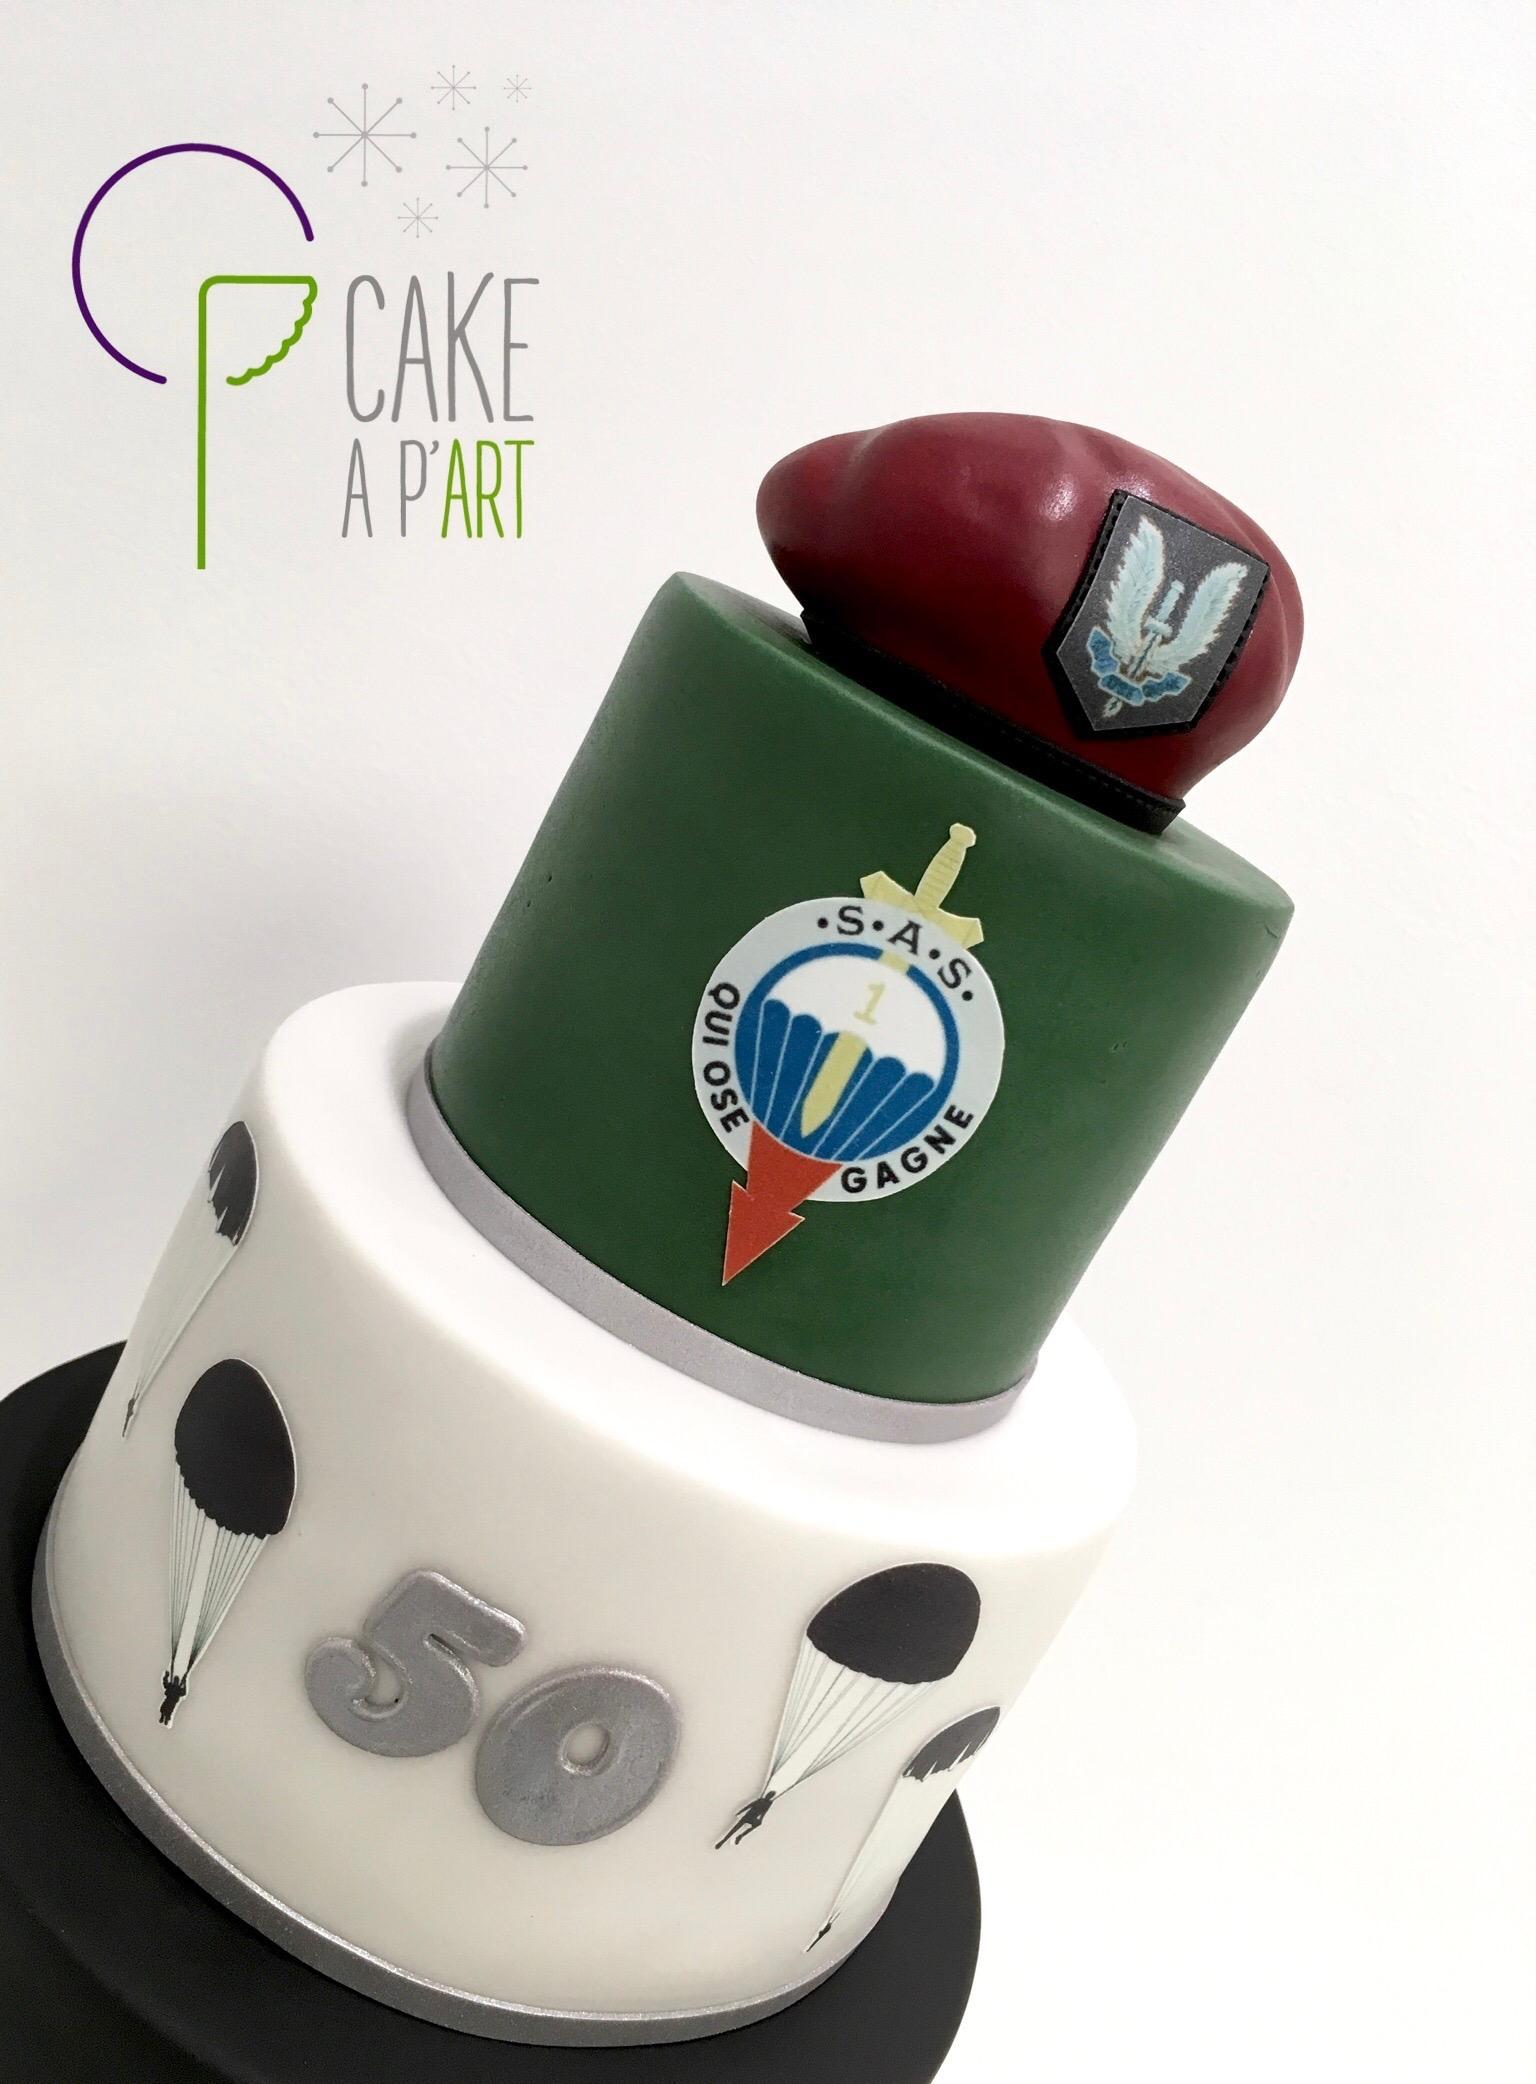 Décor modelage en sucre gâteaux personnalisés - Anniversaire Thème Militaire parachutiste